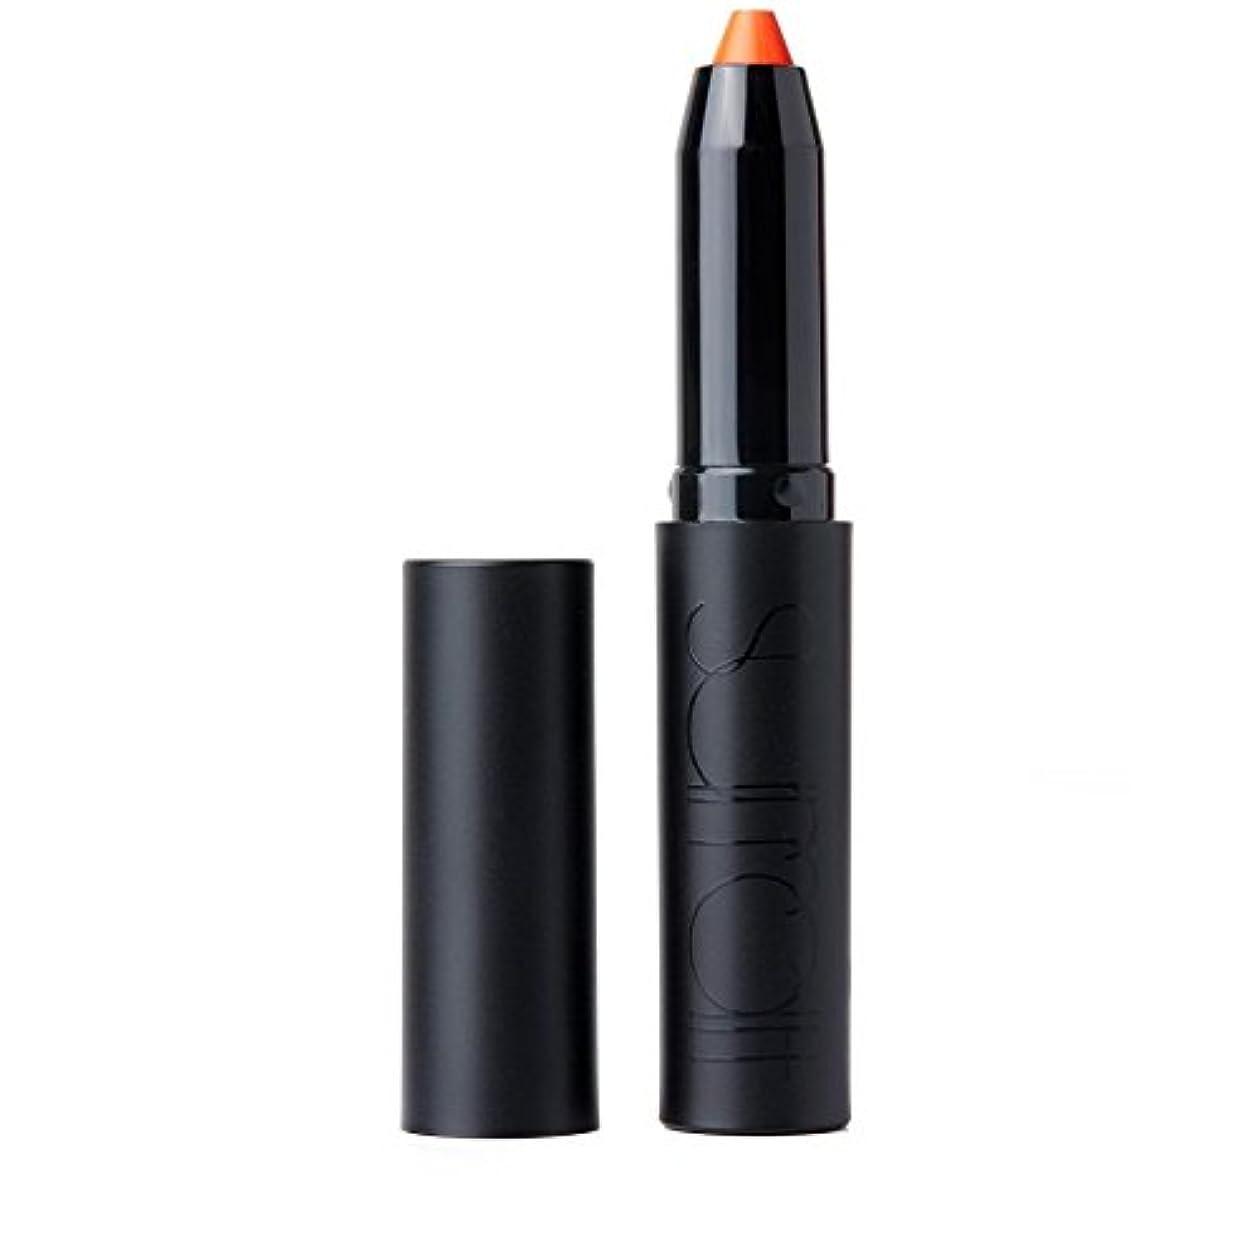 批判的に奨学金コピーリップクレヨン11クレメンタイン x4 - Surratt Lip Crayon 11 Clementine (Pack of 4) [並行輸入品]